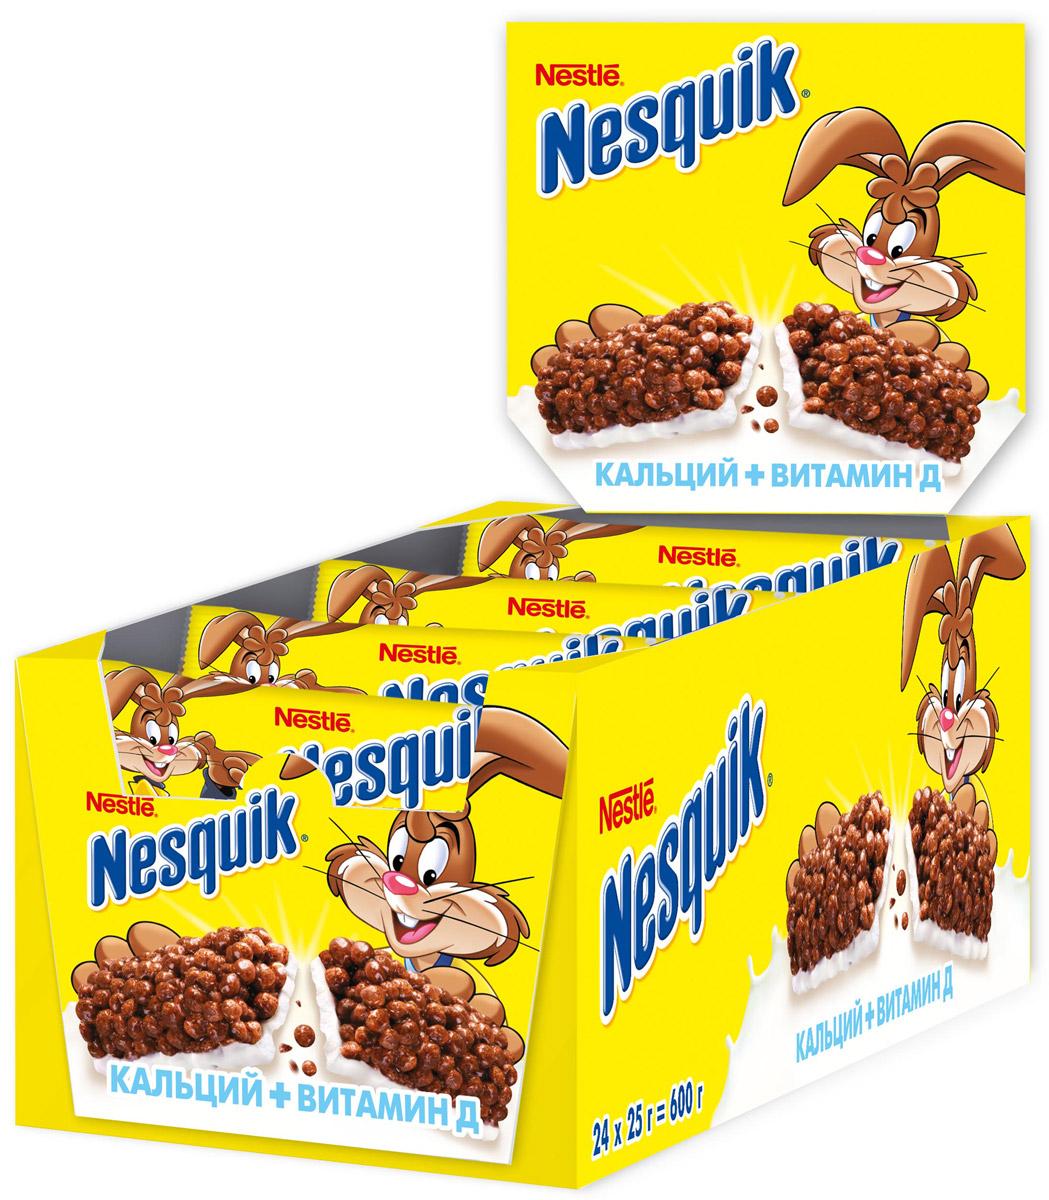 Nestle Nesquik Шоколадный батончик с цельными злаками, 24 шт по 25 г0120710Шоколадный батончик Nestle Nesquik (Нестле Несквик) с цельными злаками - полезный и удобный перекус для вашего ребенка! Батончик Nesquik поможет ему подзарядиться энергией в школе и дома.Содержит цельные злаки и обогащены витаминами D, B2, B6, ниацином, фолиевой кислотой, пантотеновой кислотой, кальцием и железом. Сложные углеводы, содержащиеся в цельных злаках перевариваются медленнее и позволяют сохранять чувство сытости дольше. Продукт может содержать незначительно количество сои и орехов.